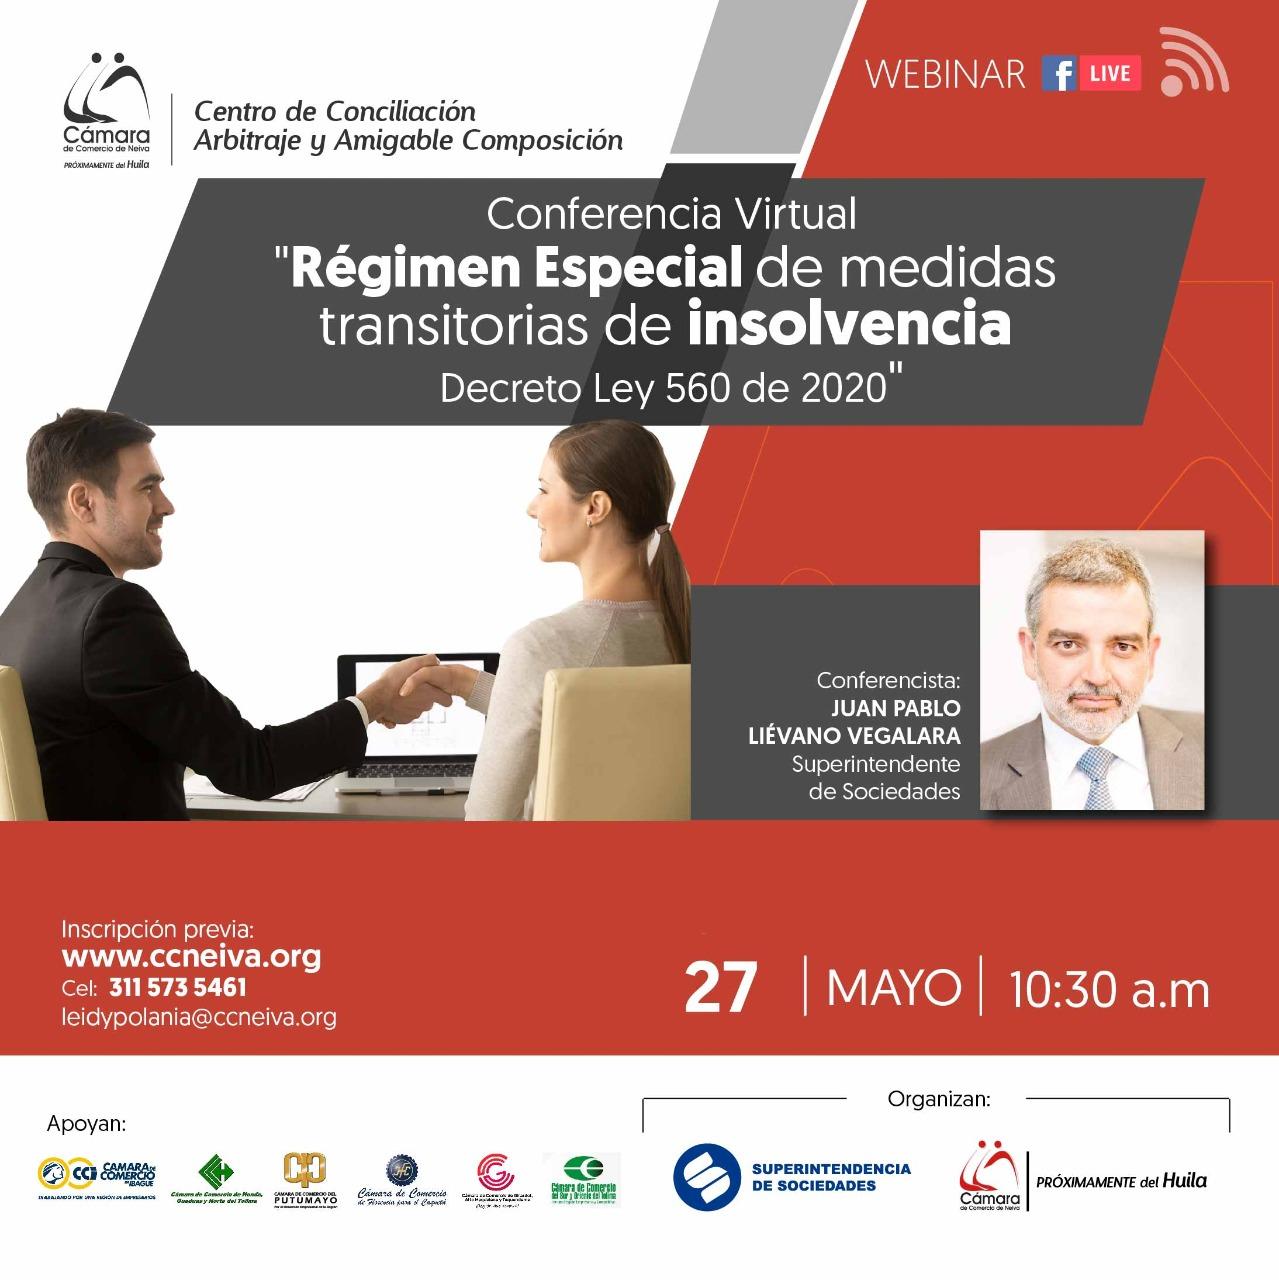 Conferencia: Régimen especial de medidas transitorias de insolvencia